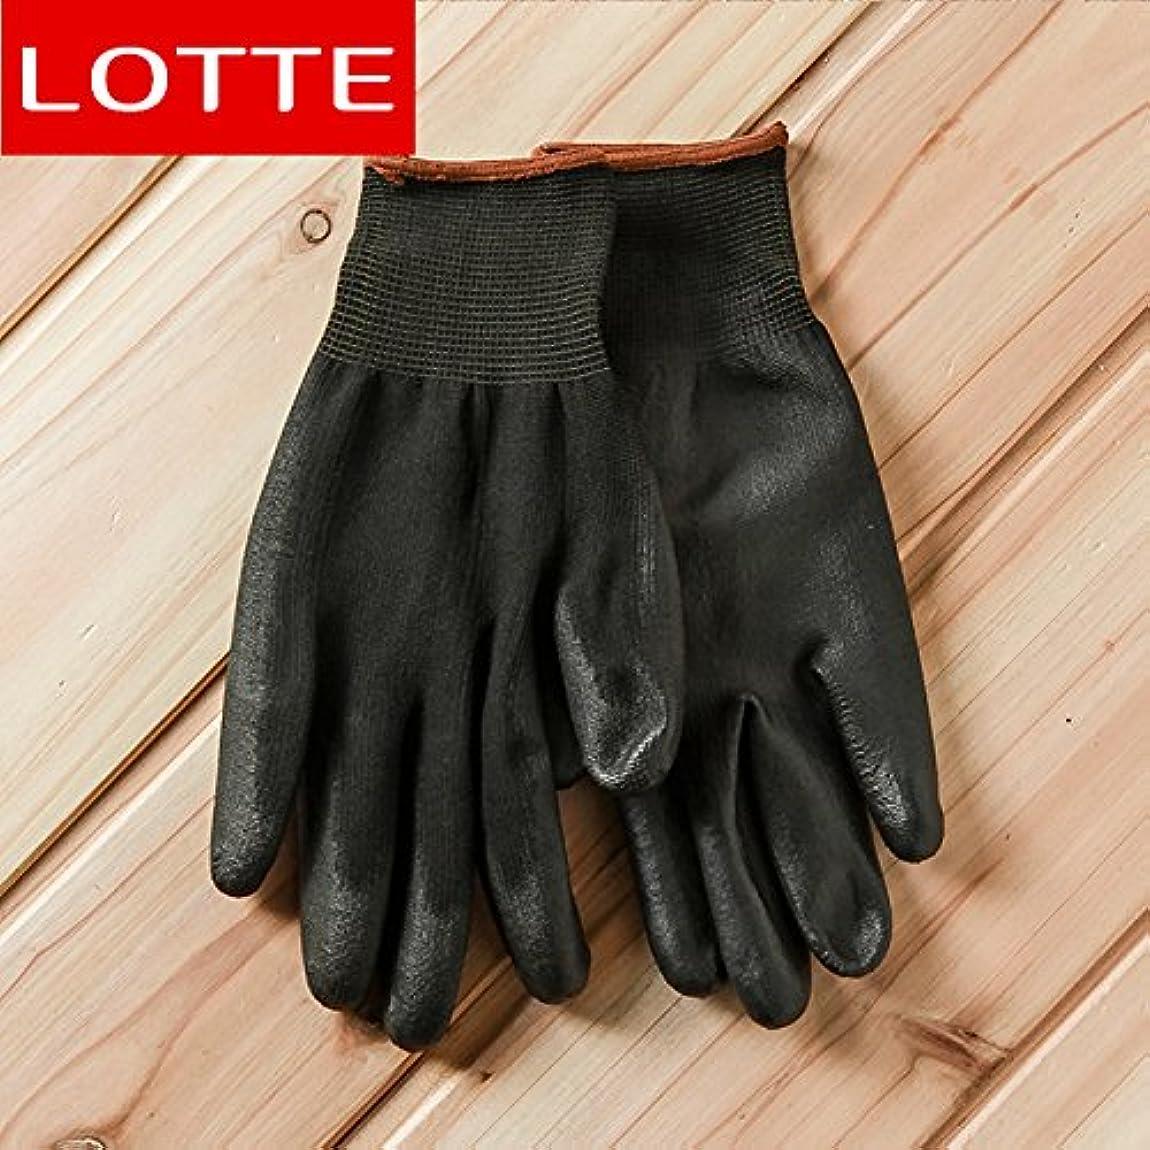 経済的スロット反射VBMDoM ロッテのPUパームコーティング作業手袋(黒/大) x 3つ [並行輸入品]